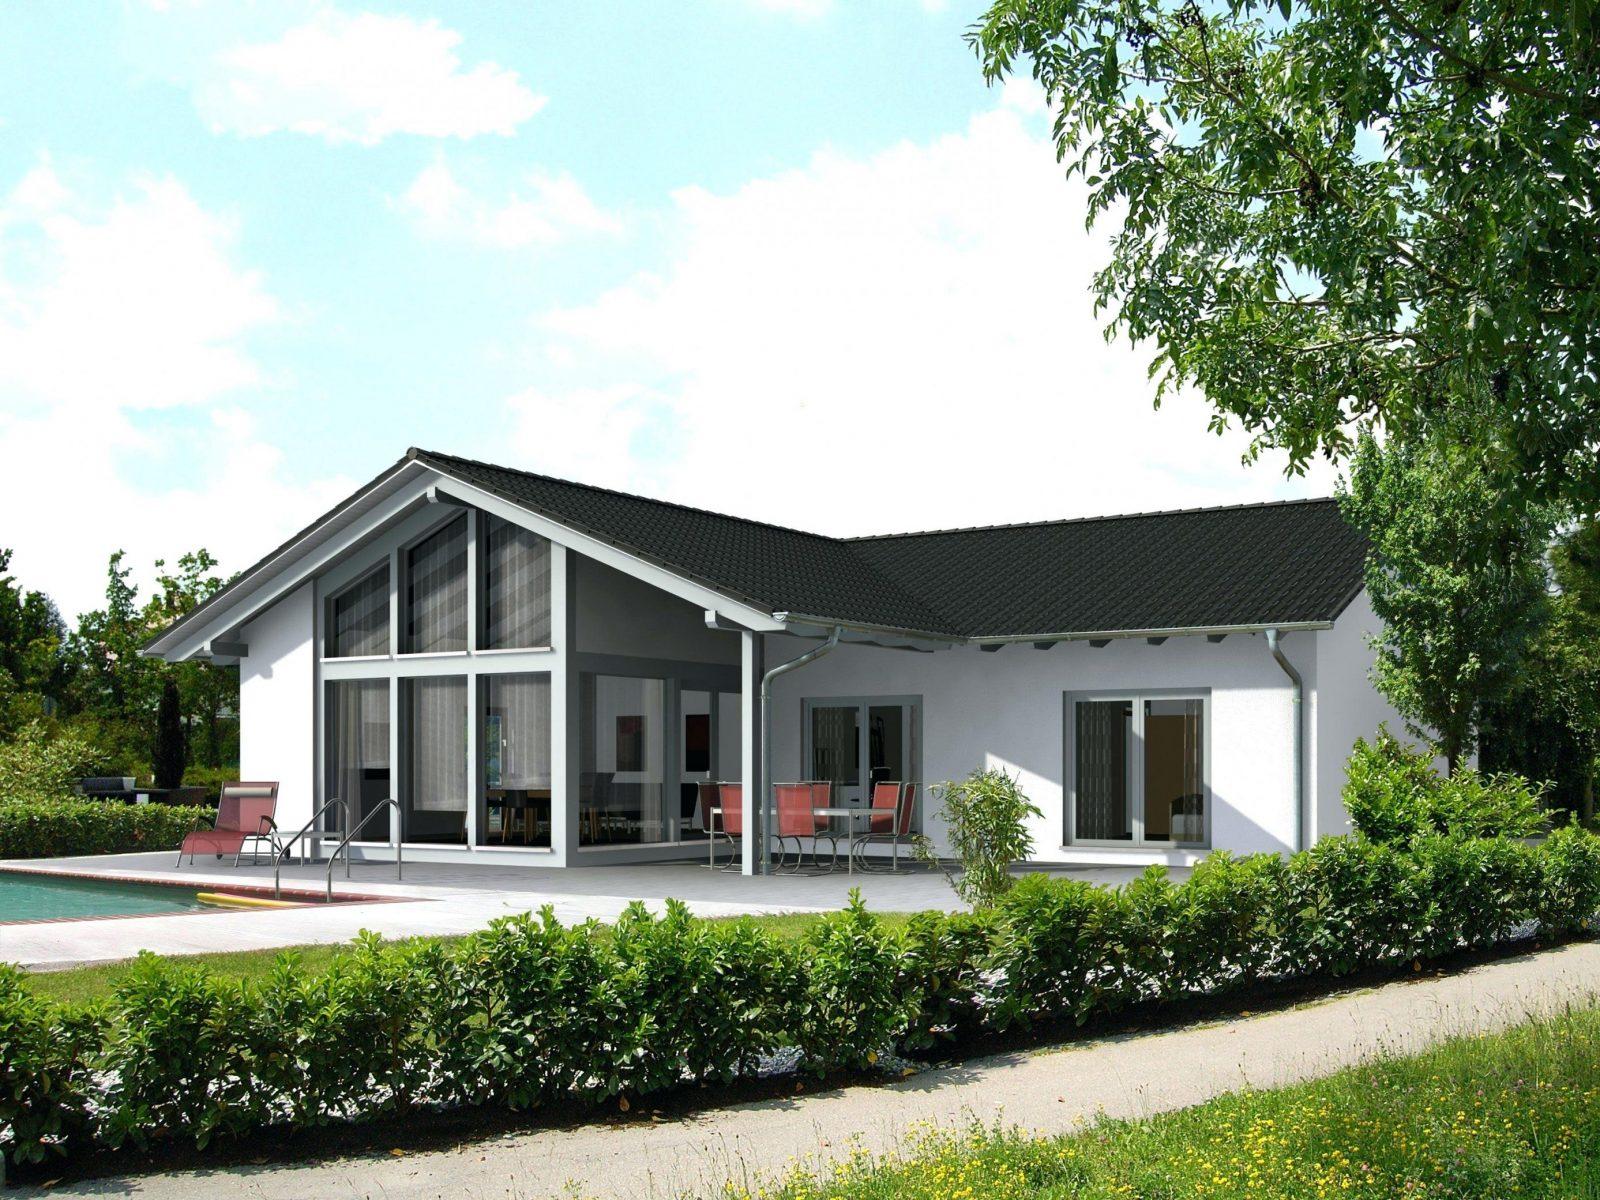 Kleines Haus Bauen Meistersta 1 4 Ck Haus Winkelbungalow Midsommer von Haus Selber Bauen Kosten Bild